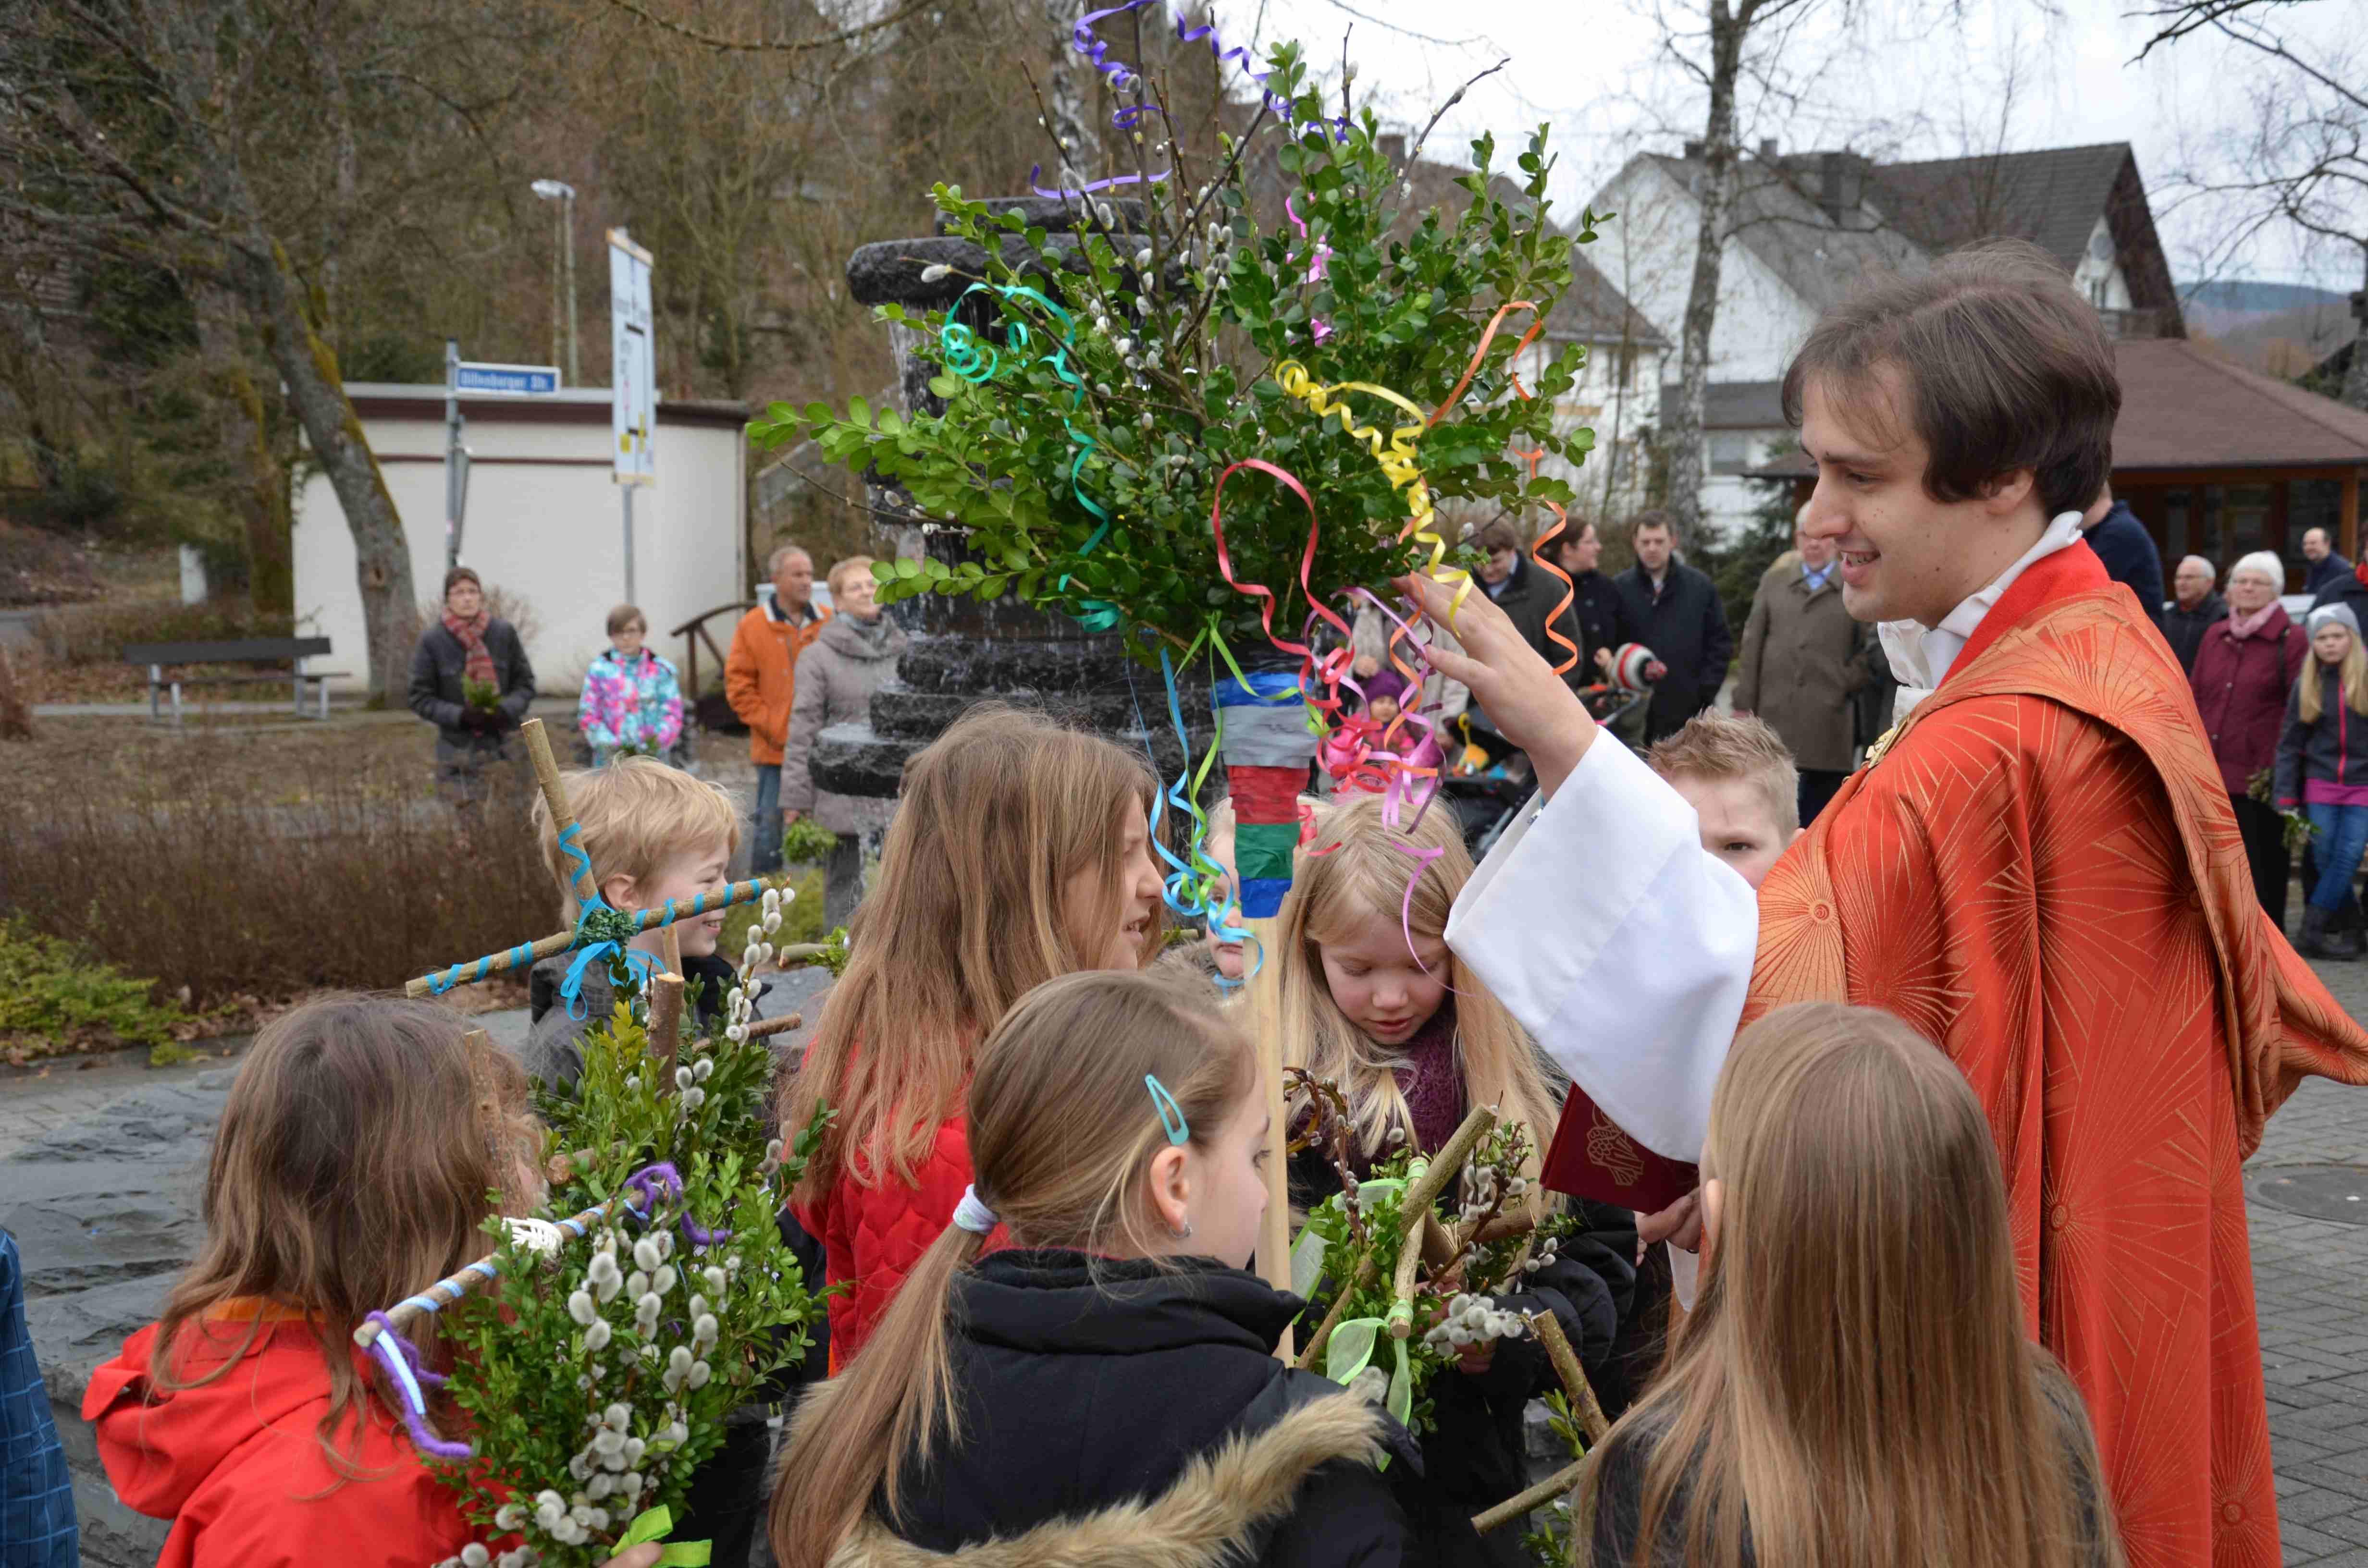 Palmweihe am Dorfbrunnen: Feier des Einzugs Jesu in Jerusalem